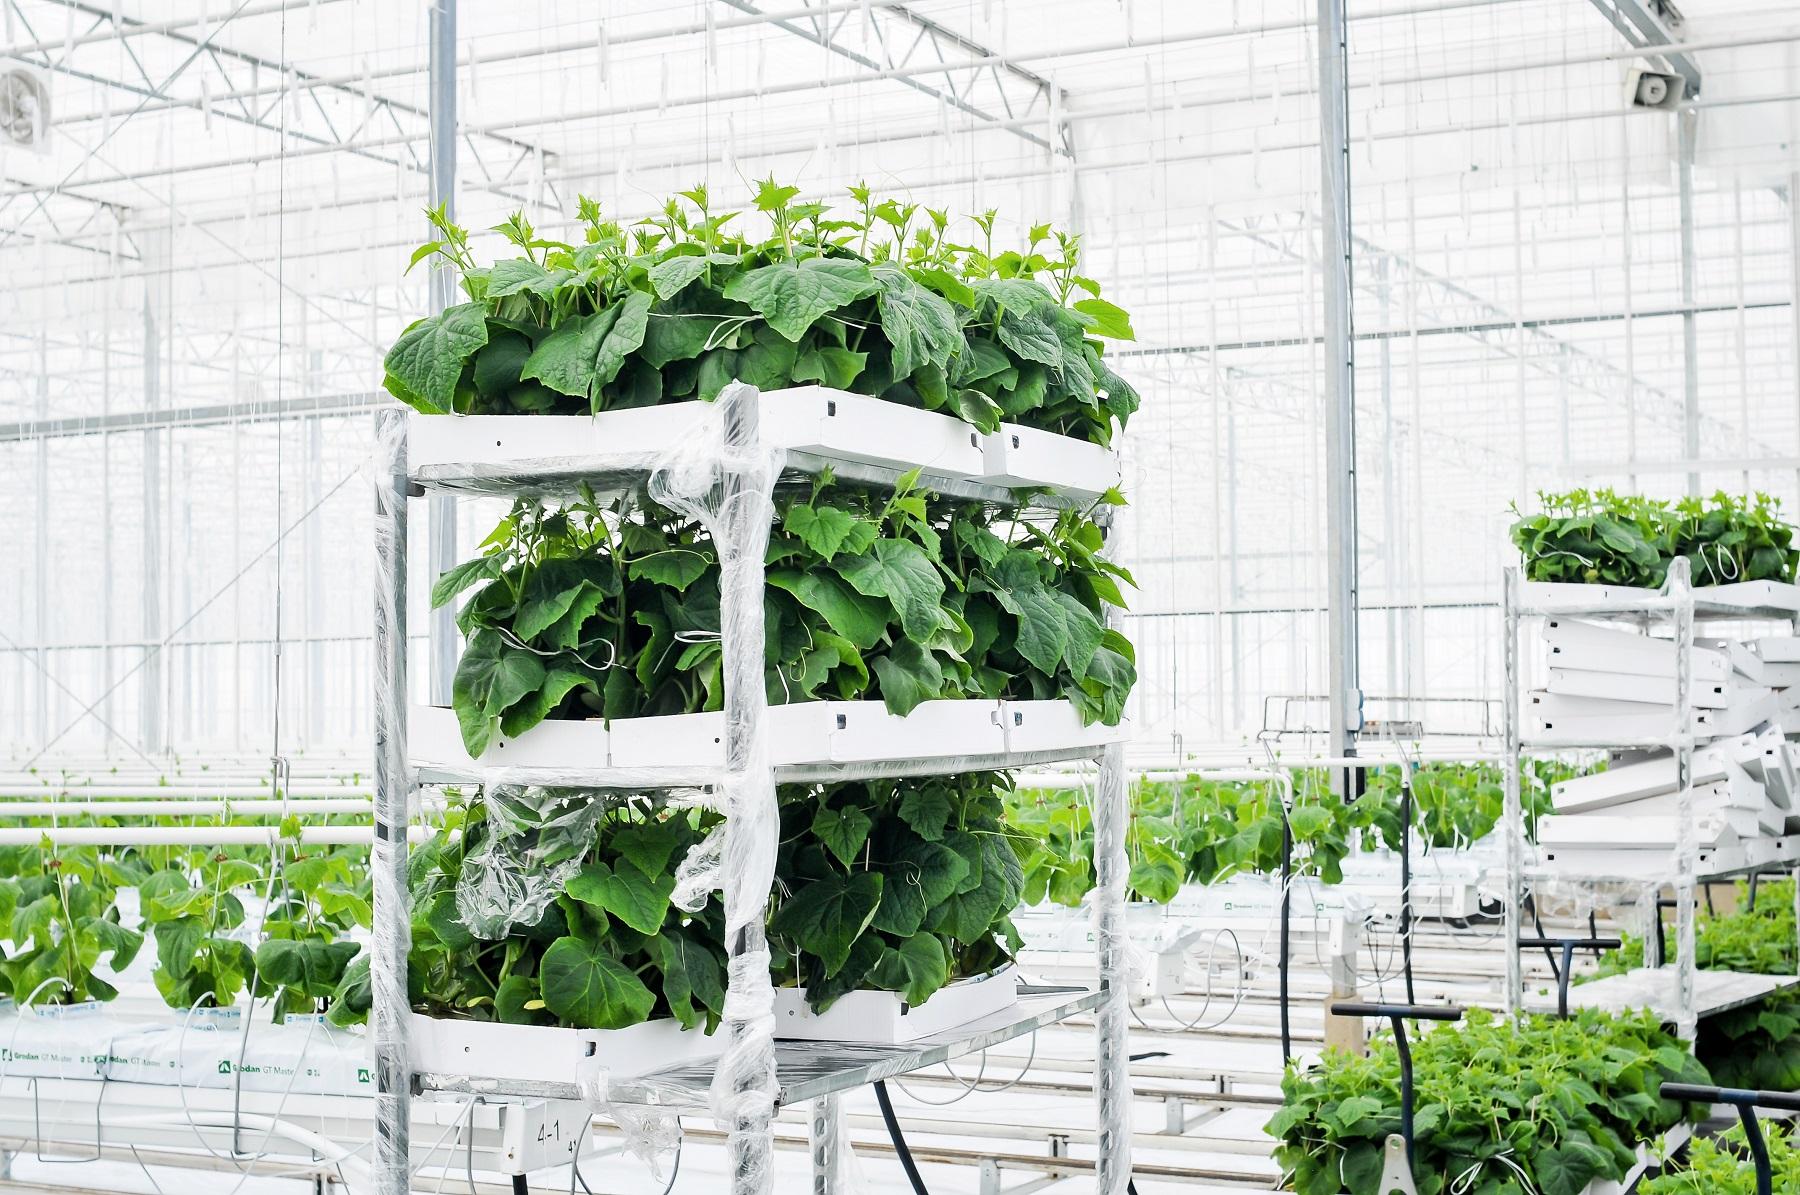 """Vienuose moderniausių šiltnamių ne tik šalyje, bet ir Europoje daržoves auginanti įmonė """"Agrošiltnamiai"""" davė startą agurkų auginimo sezonui. Ne veltui jų šūkis: Mėgaukitės, užauginsime DAR!"""